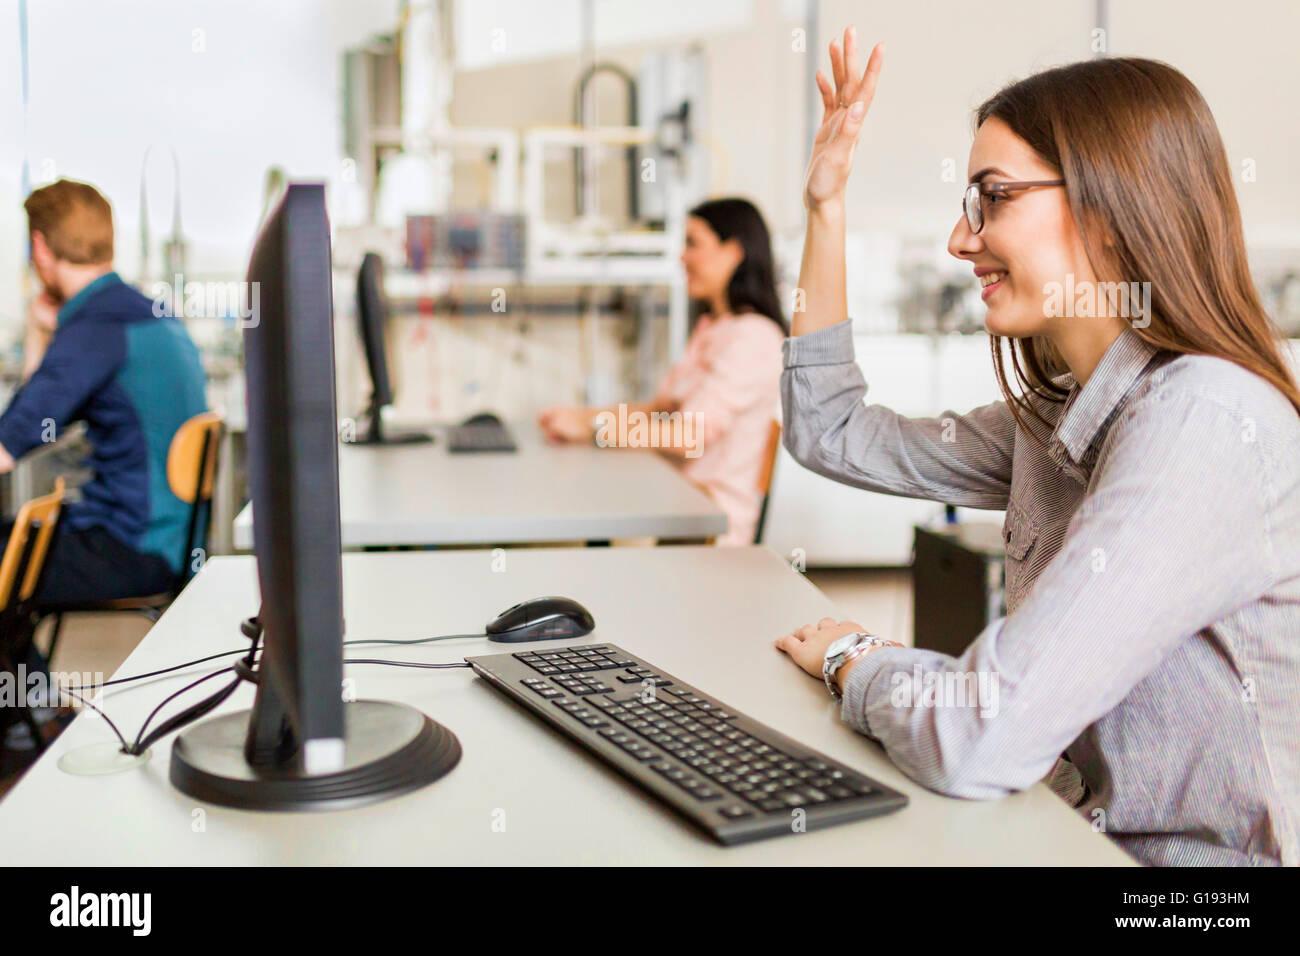 Hermosa muchacha levantando la mano en el aula mientras está sentado en un escritorio Imagen De Stock